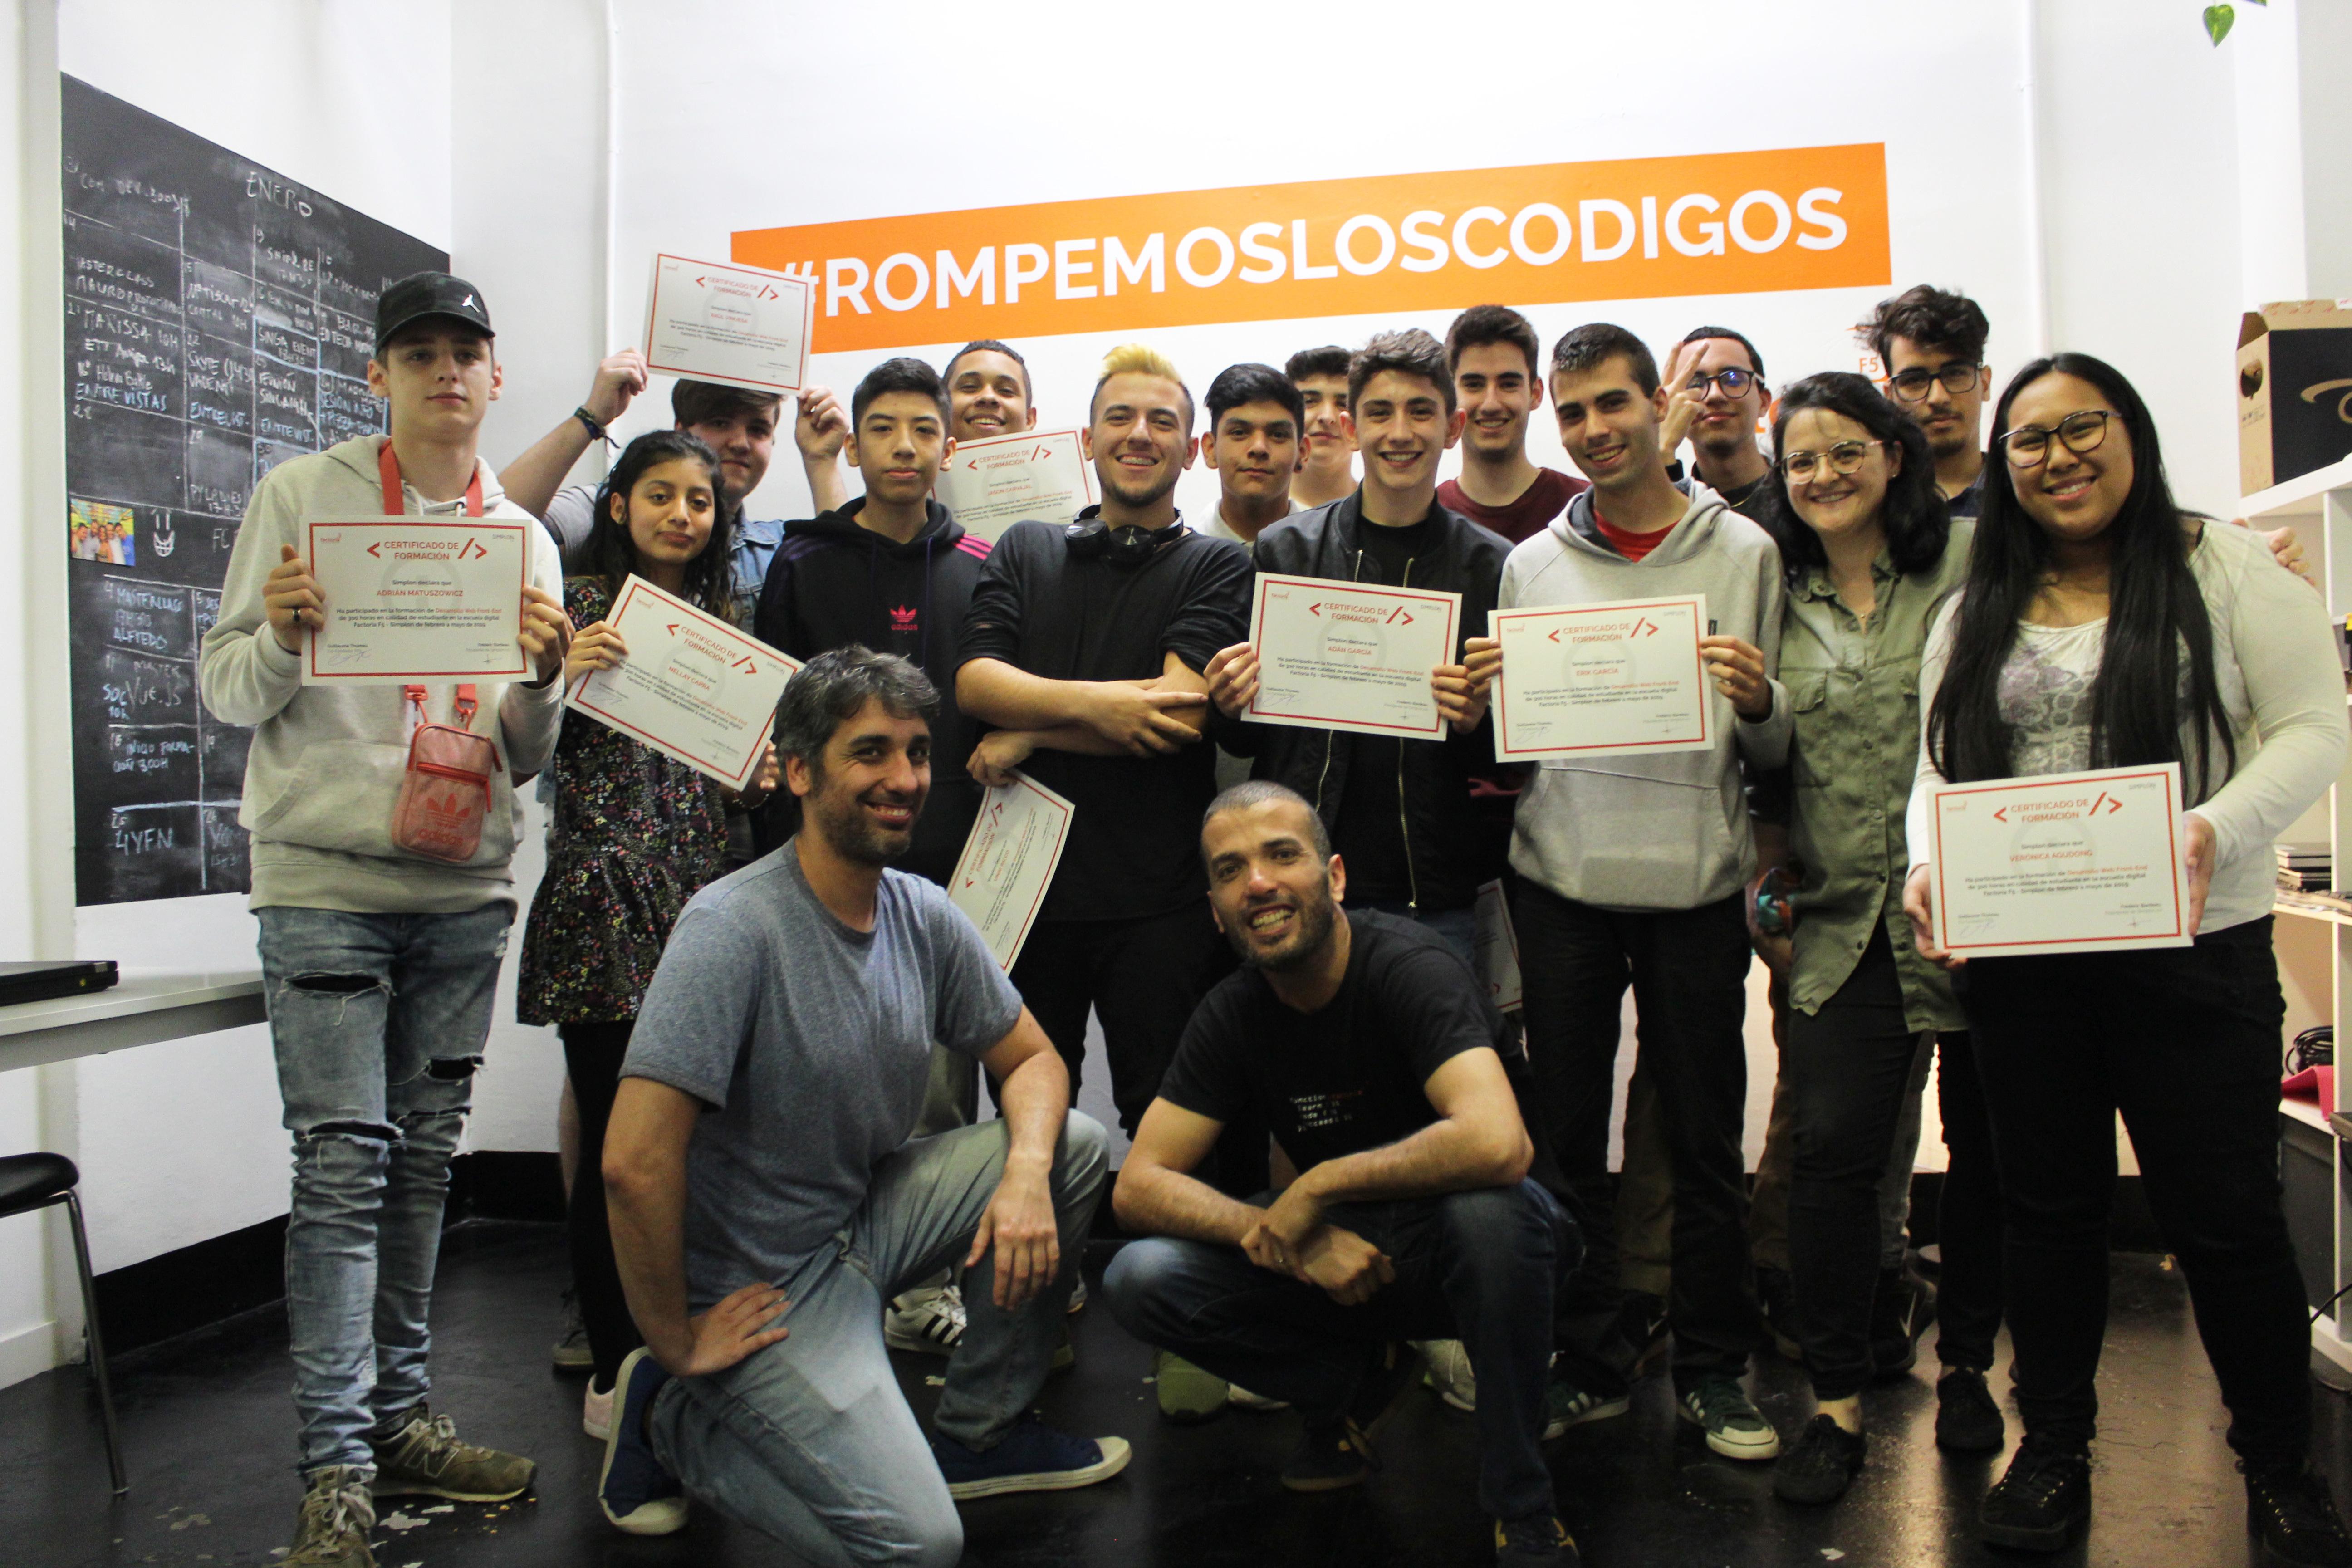 (Español) Graduación de la Formación de Desarrollo Web Front-end